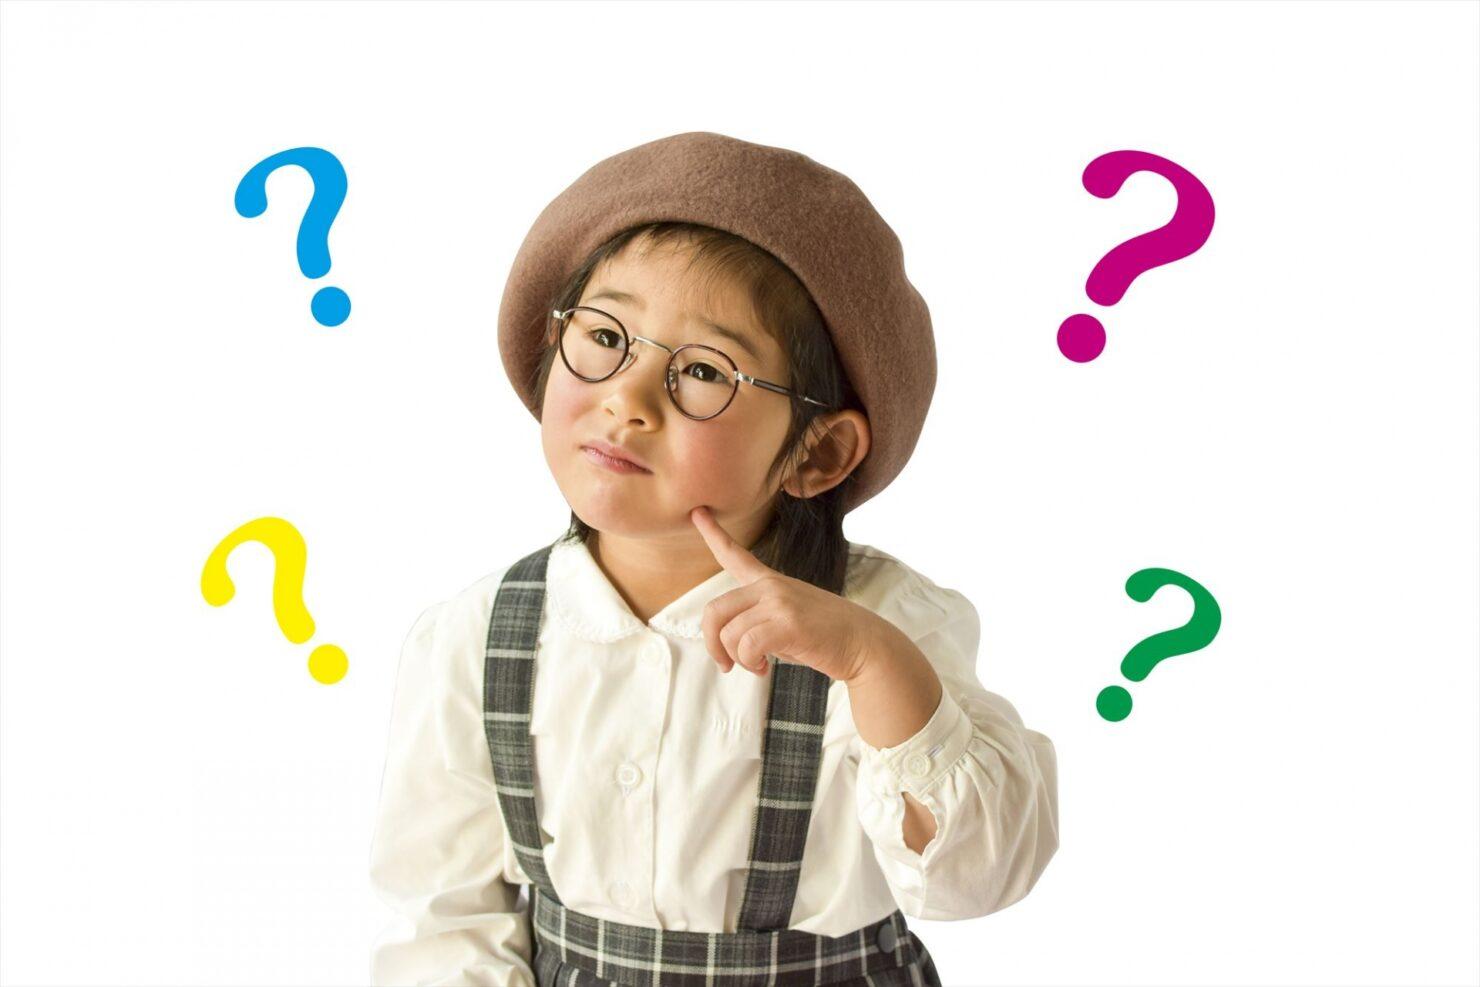 「おせちの意味」子供に聞かれて答えられる?